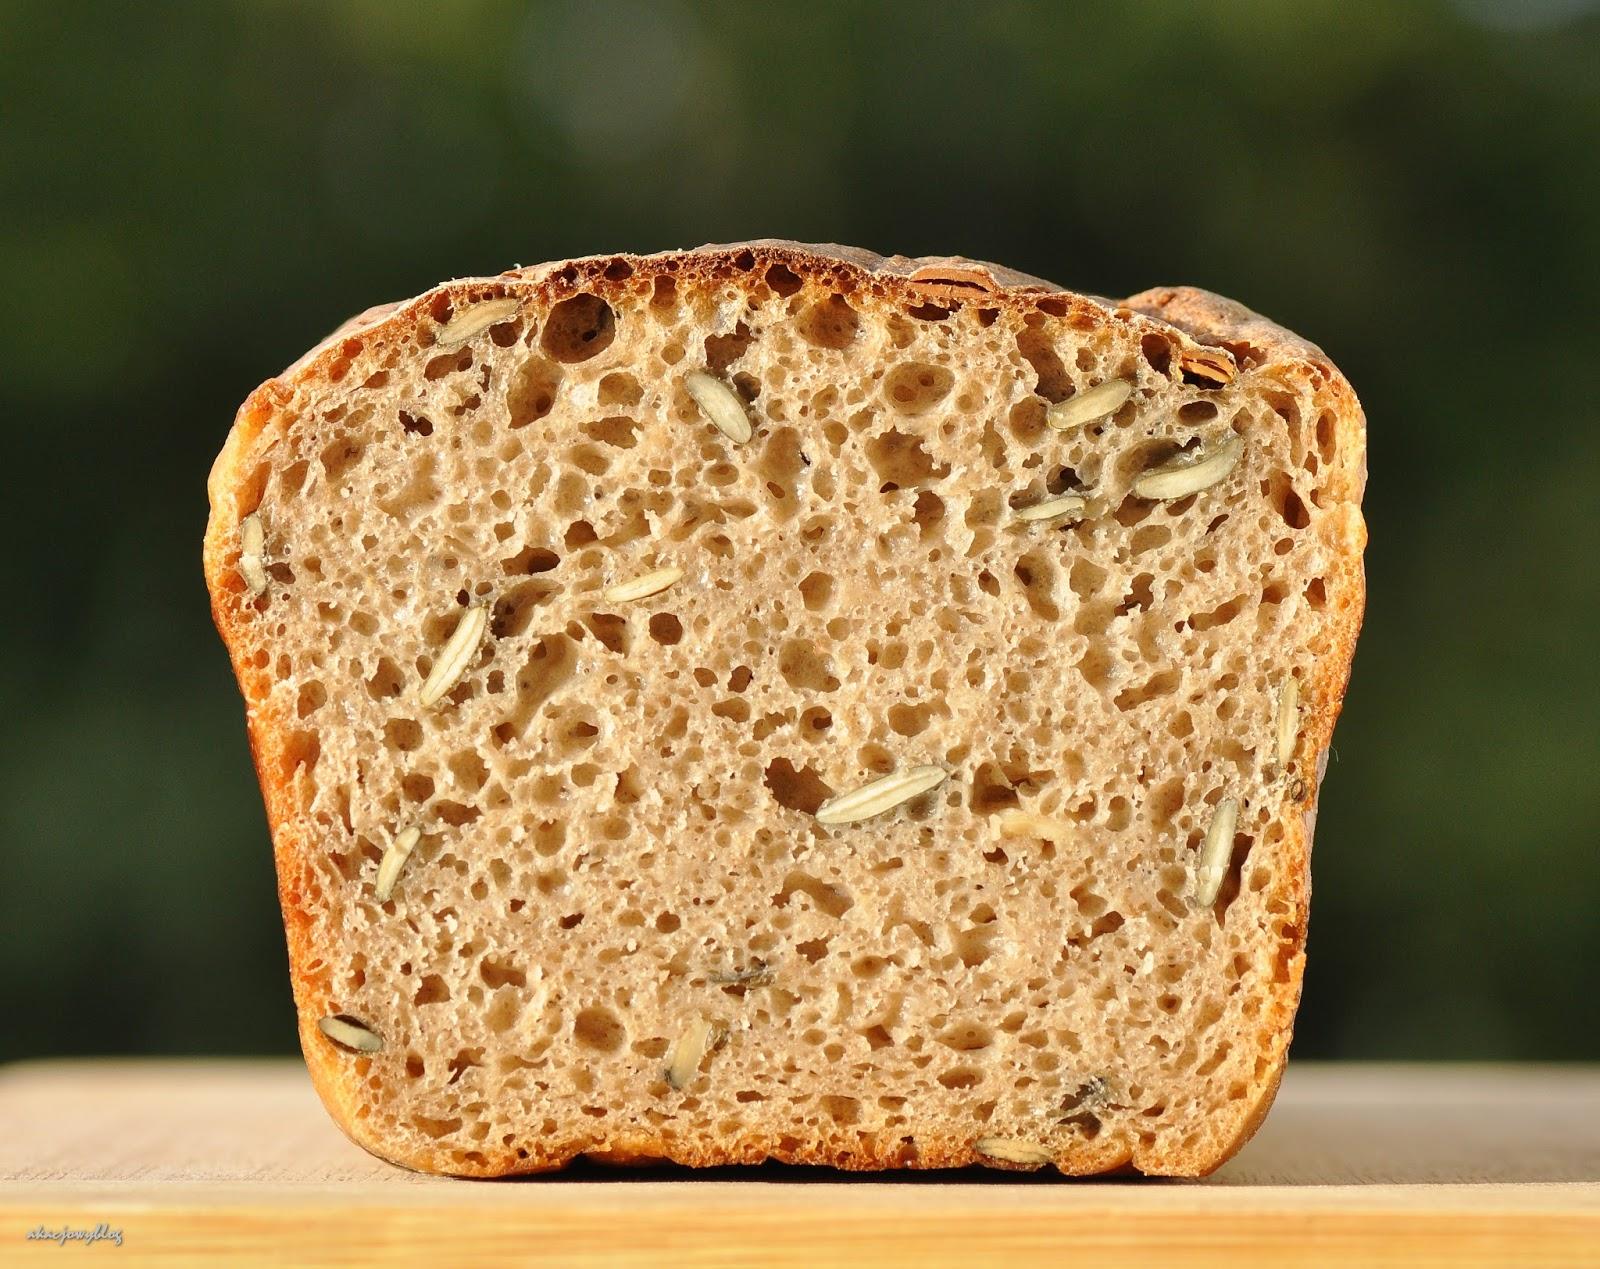 W japońskich ogrodach. Kulinarnie - chleb pytlowy na zakwasie z pestkami dyni.